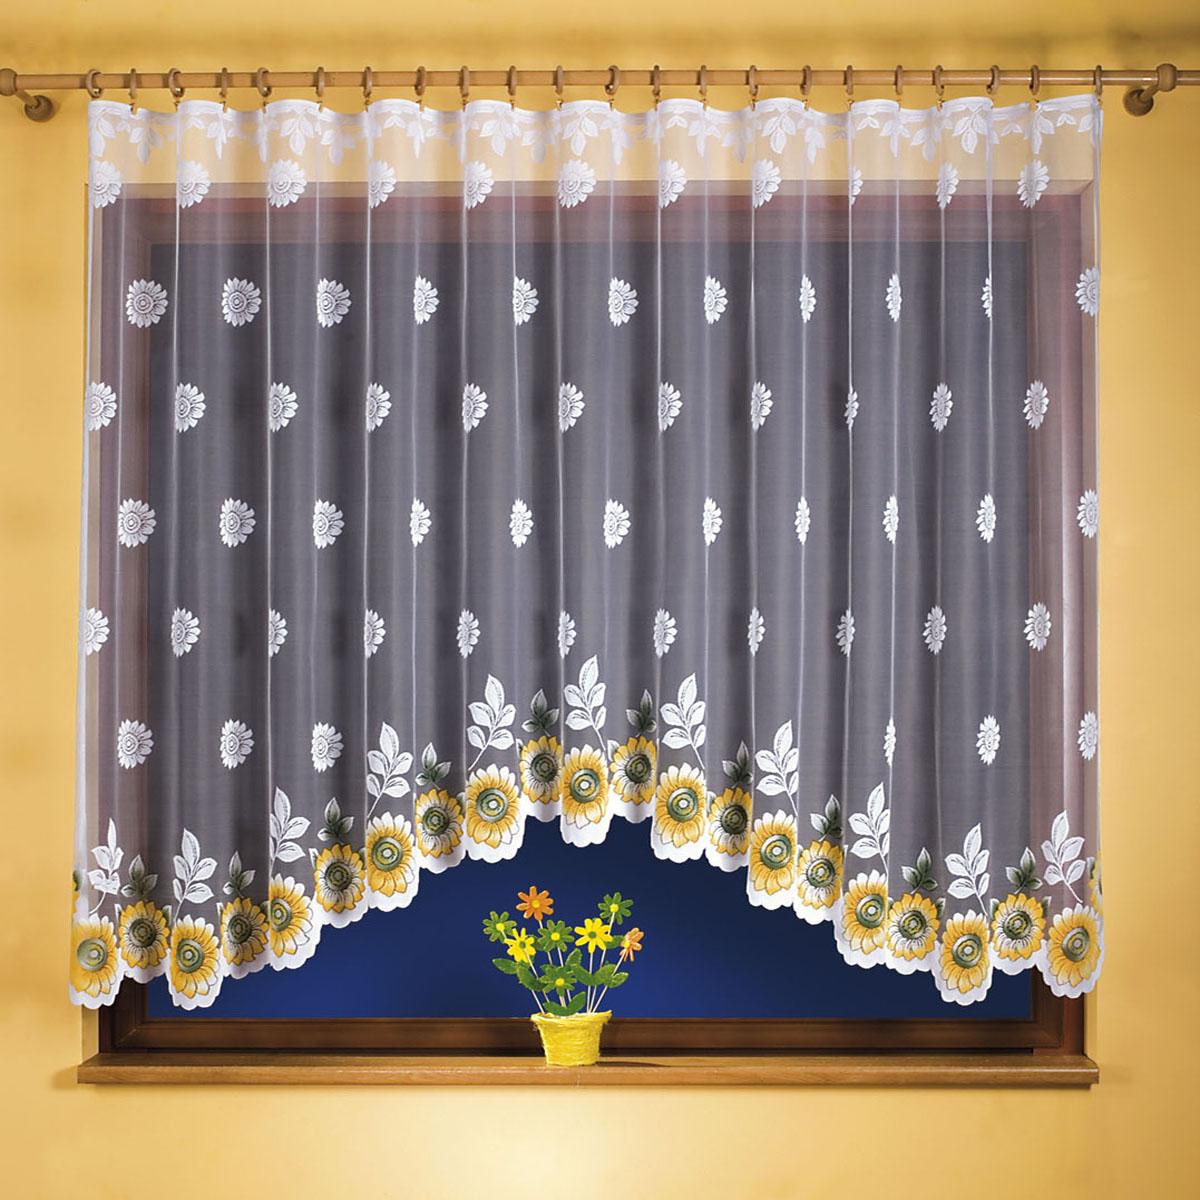 """Штора """"Wisan"""", выполненная из легкого полупрозрачного полиэстера белого цвета, станет великолепным украшением кухонного окна. Изделие имеет ассиметричную длину и красивый цветочный орнамент по всей поверхности полотна. Качественный материал и оригинальный дизайн привлекут к себе внимание и позволят шторе органично вписаться в интерьер помещения. Штора оснащена шторной лентой под зажимы для крепления на карниз."""